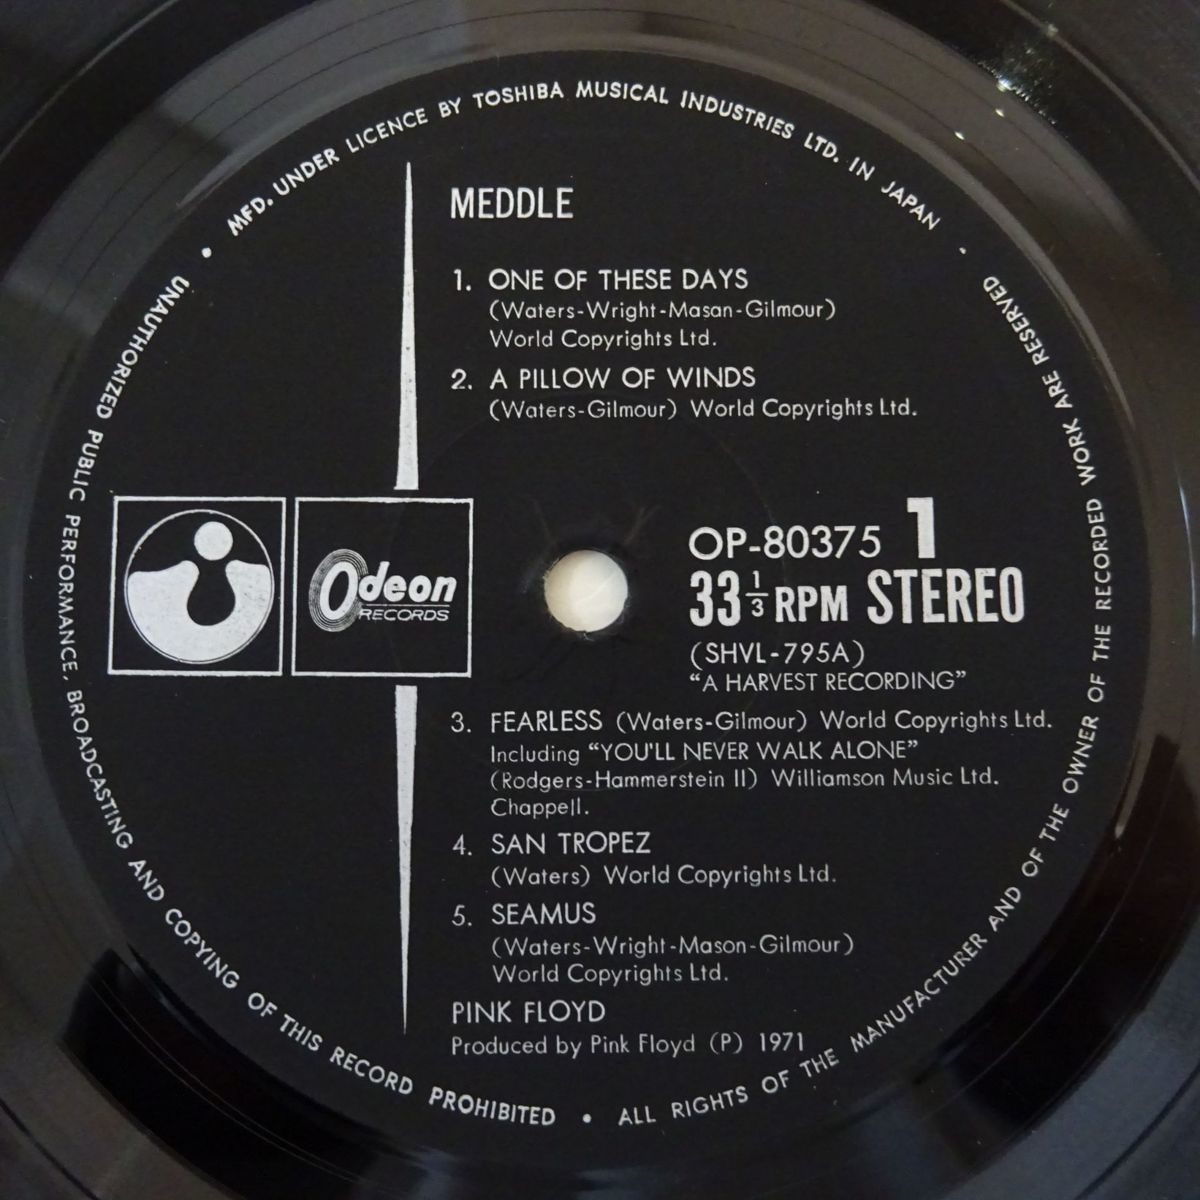 13032133;【ROCK NOW帯+来日記念帯/OP規格】Pink Floyd / Meddle おせっかい_画像3